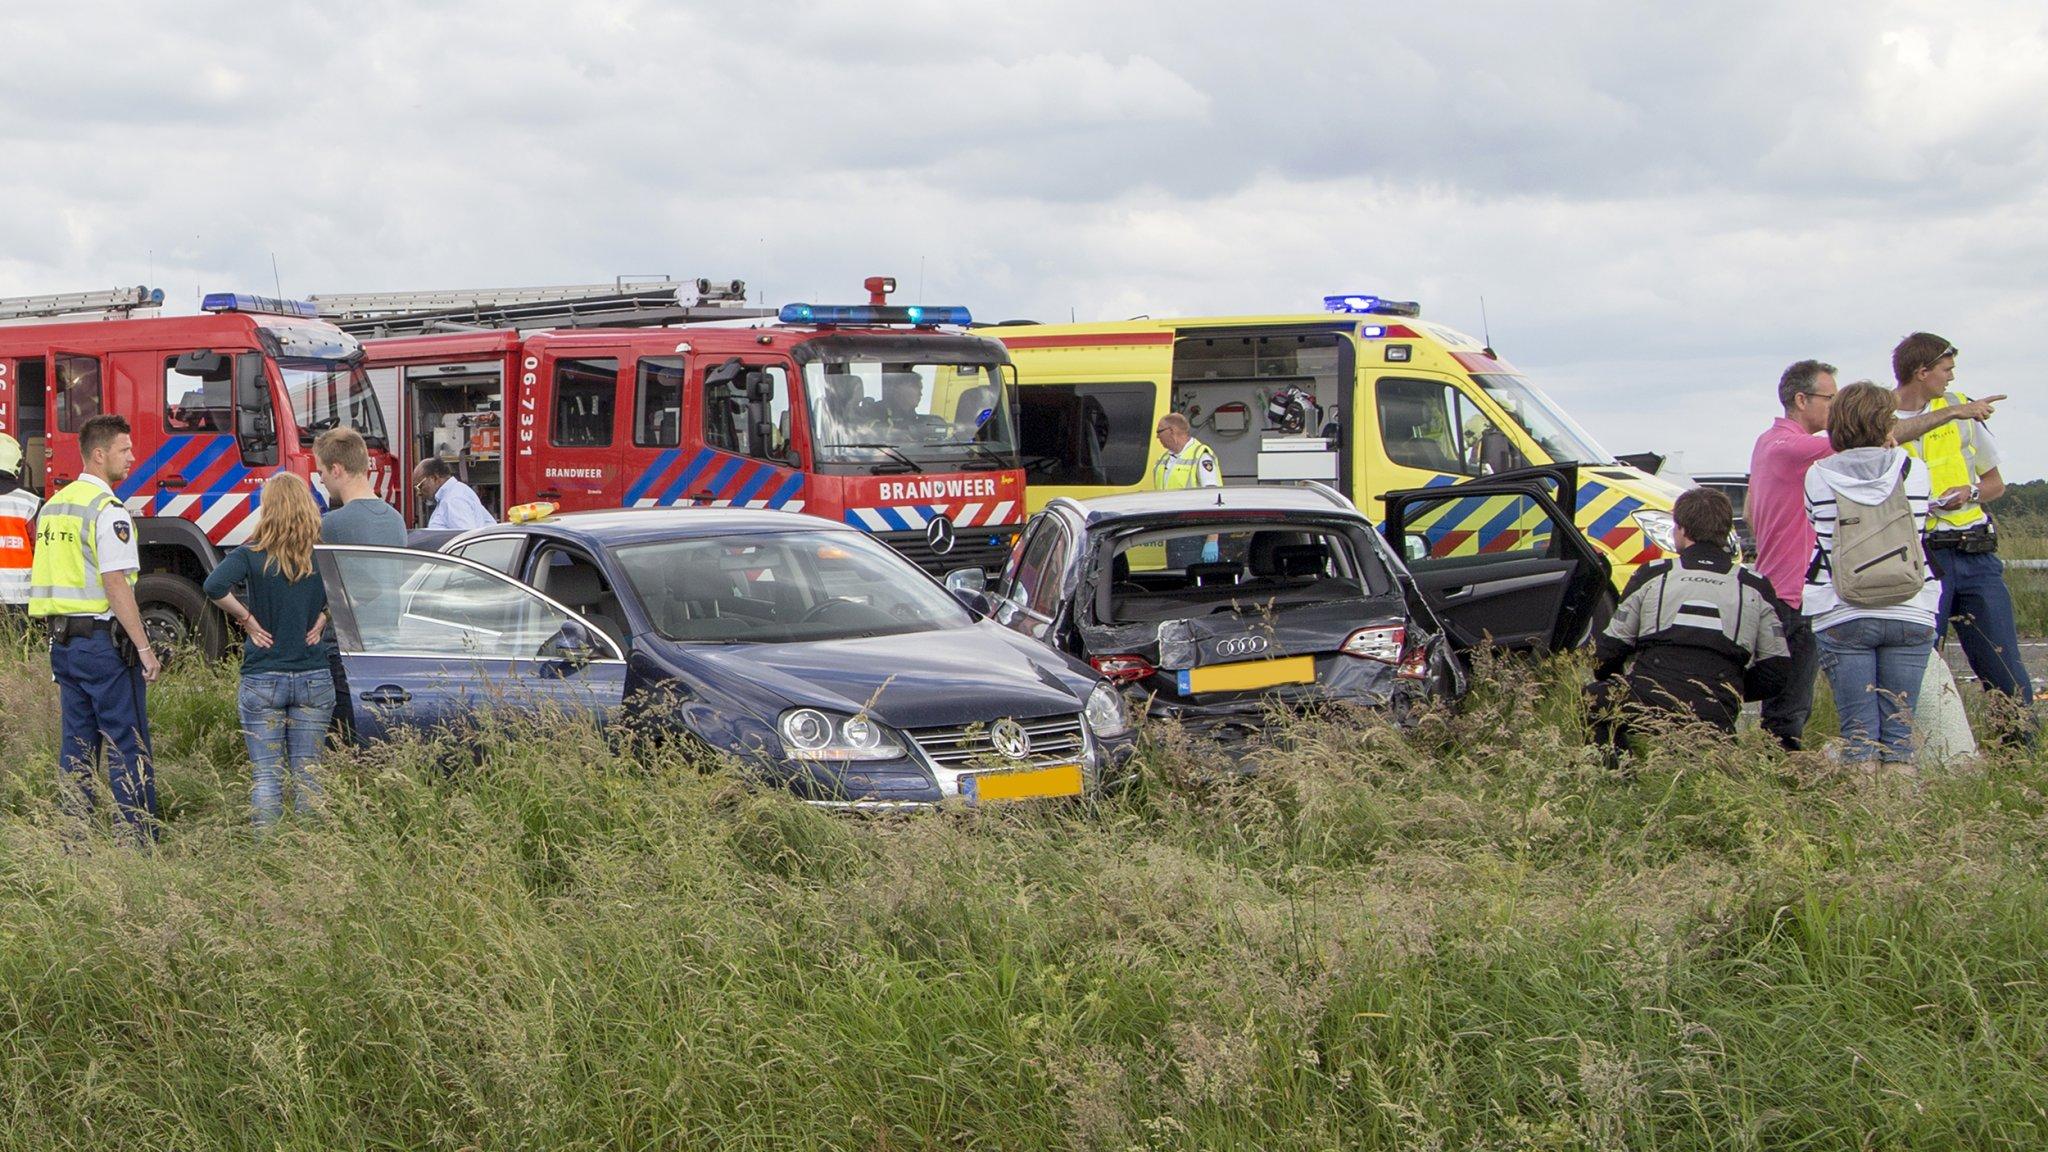 Dode bij ongeluk A28; ook veel gewonden.